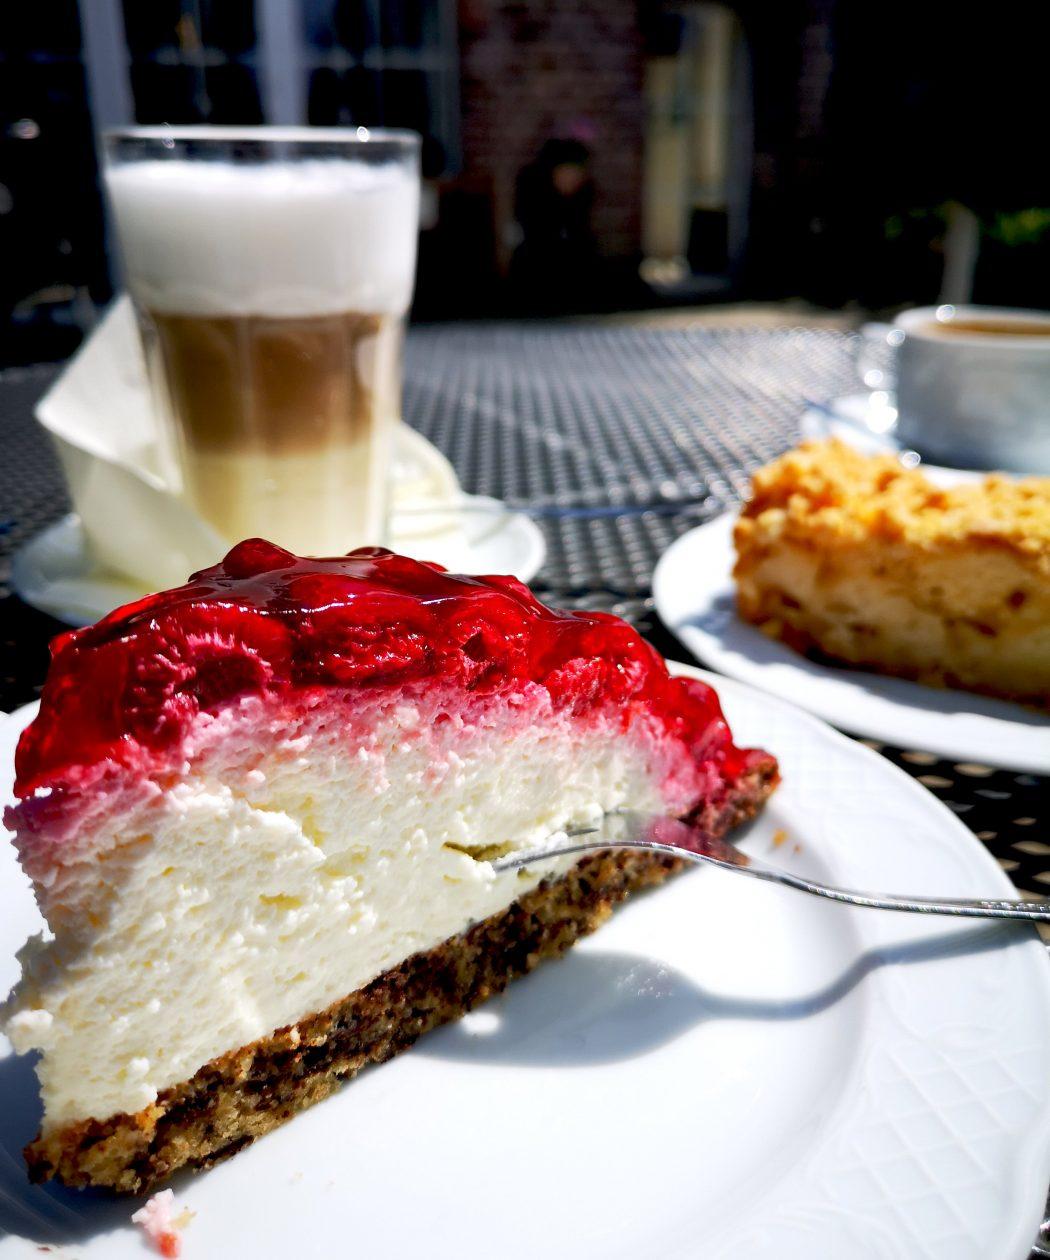 Das Bild zeigt Kaffee und Kuchen.